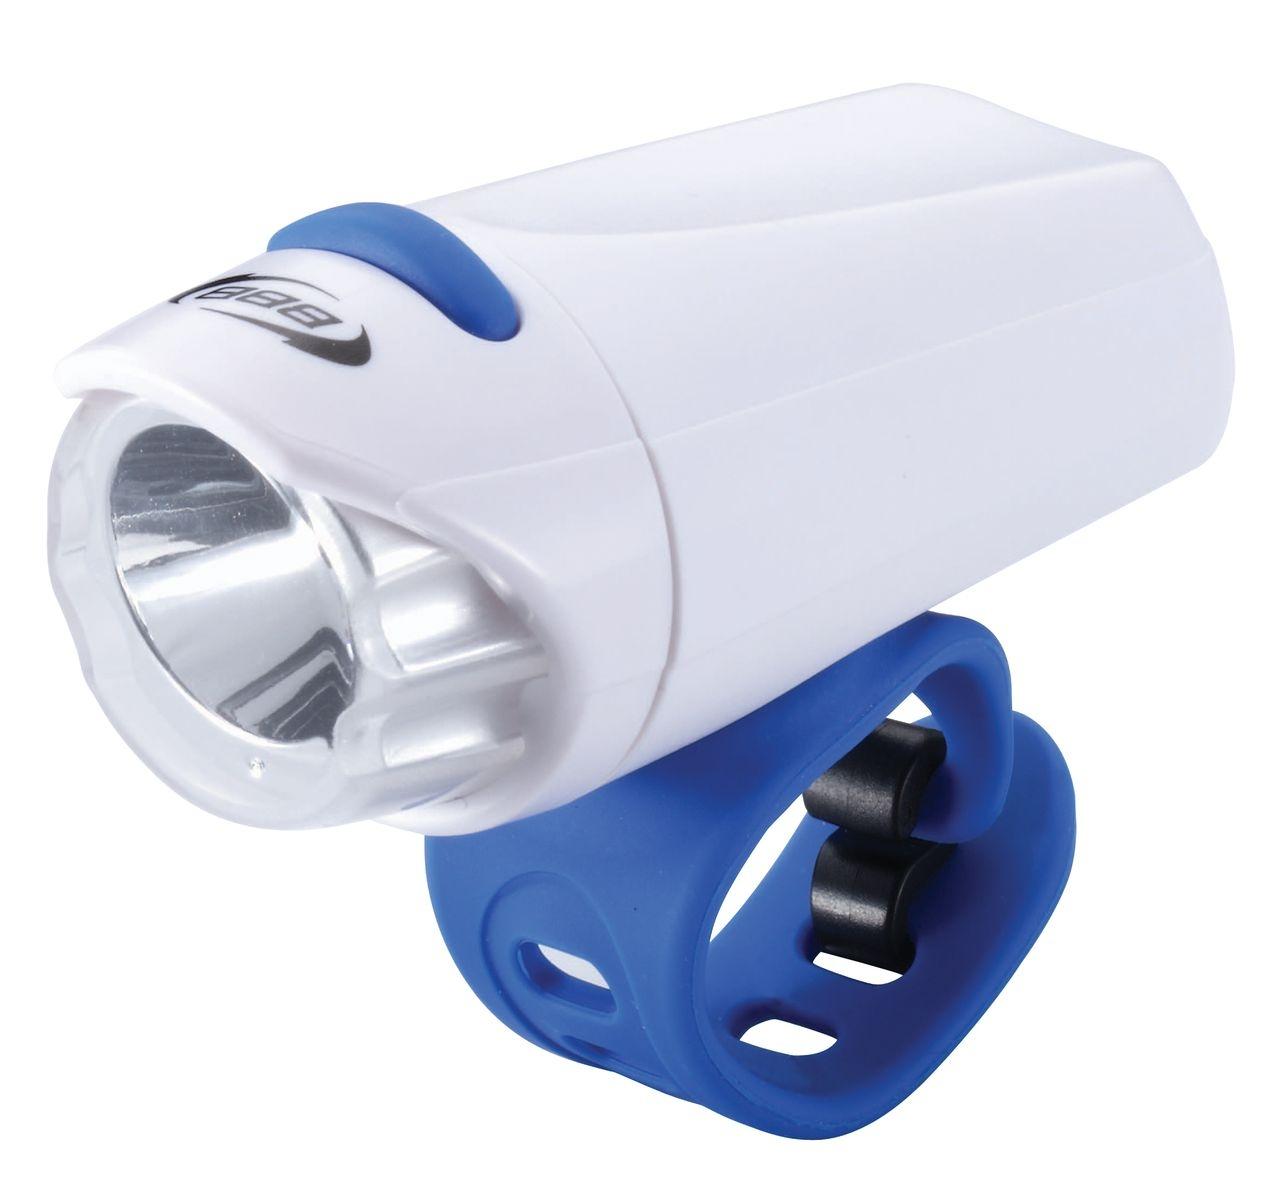 Éclairage AV BBB EcoBeam LED À piles Blanc/Bleu - BLS-75